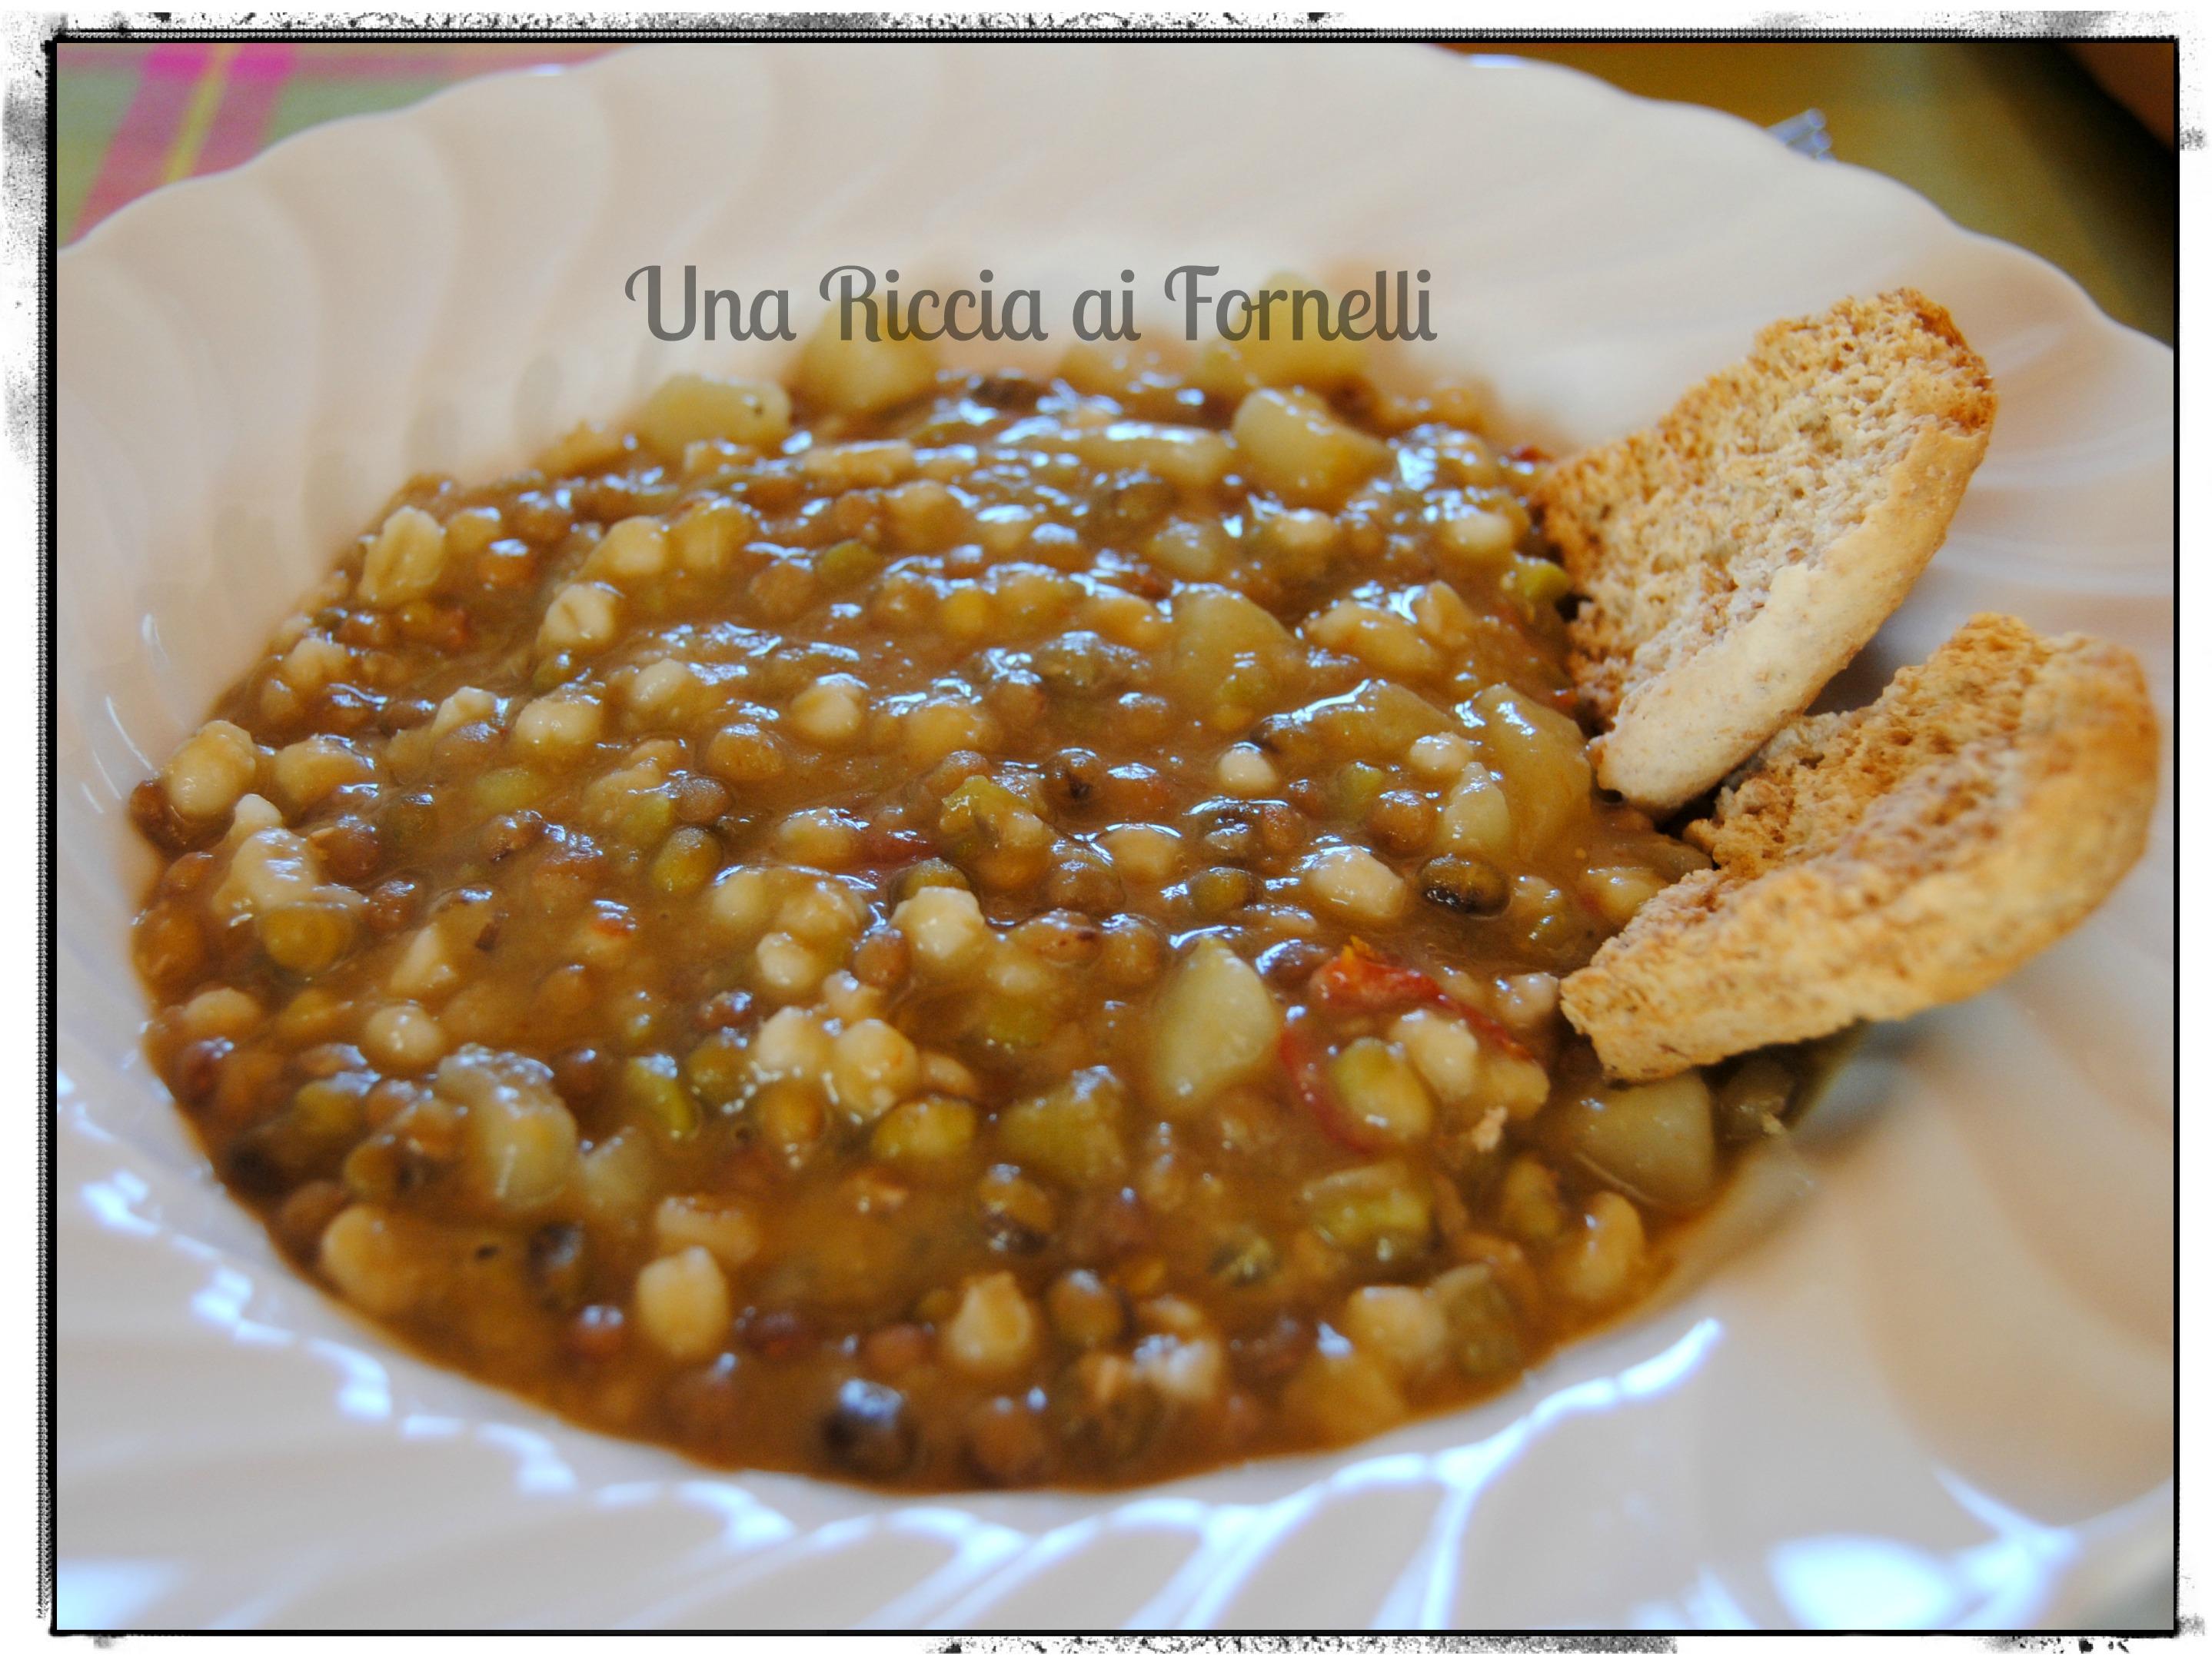 Ricetta Zuppa Legumi Secchi.Zuppa Di Legumi E Cereali Ricetta Zuppa Con E Senza Pentola A Pressione